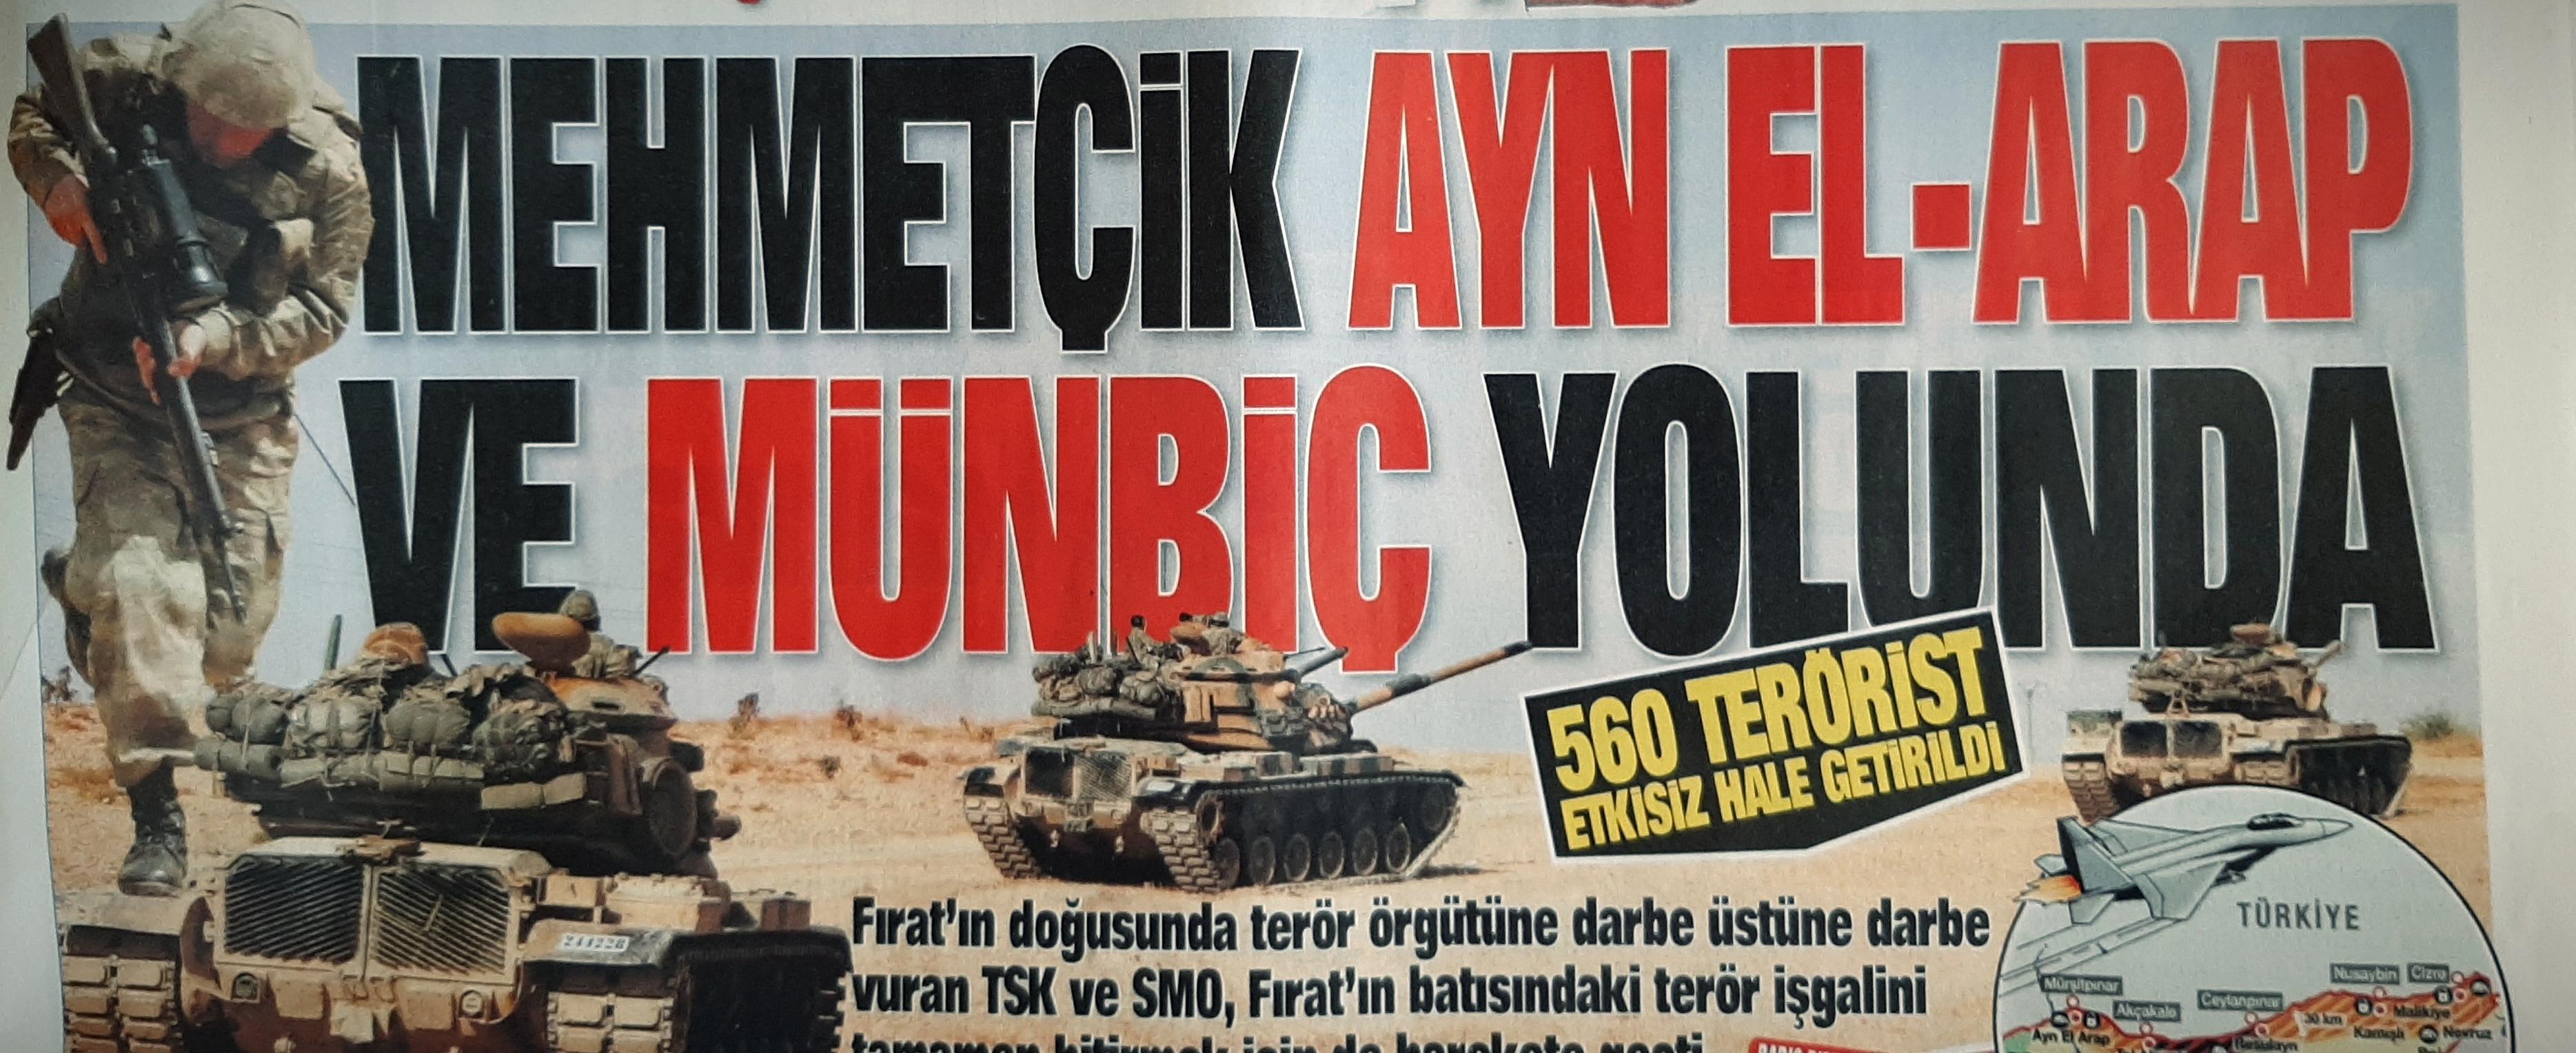 turkkilainen lehti